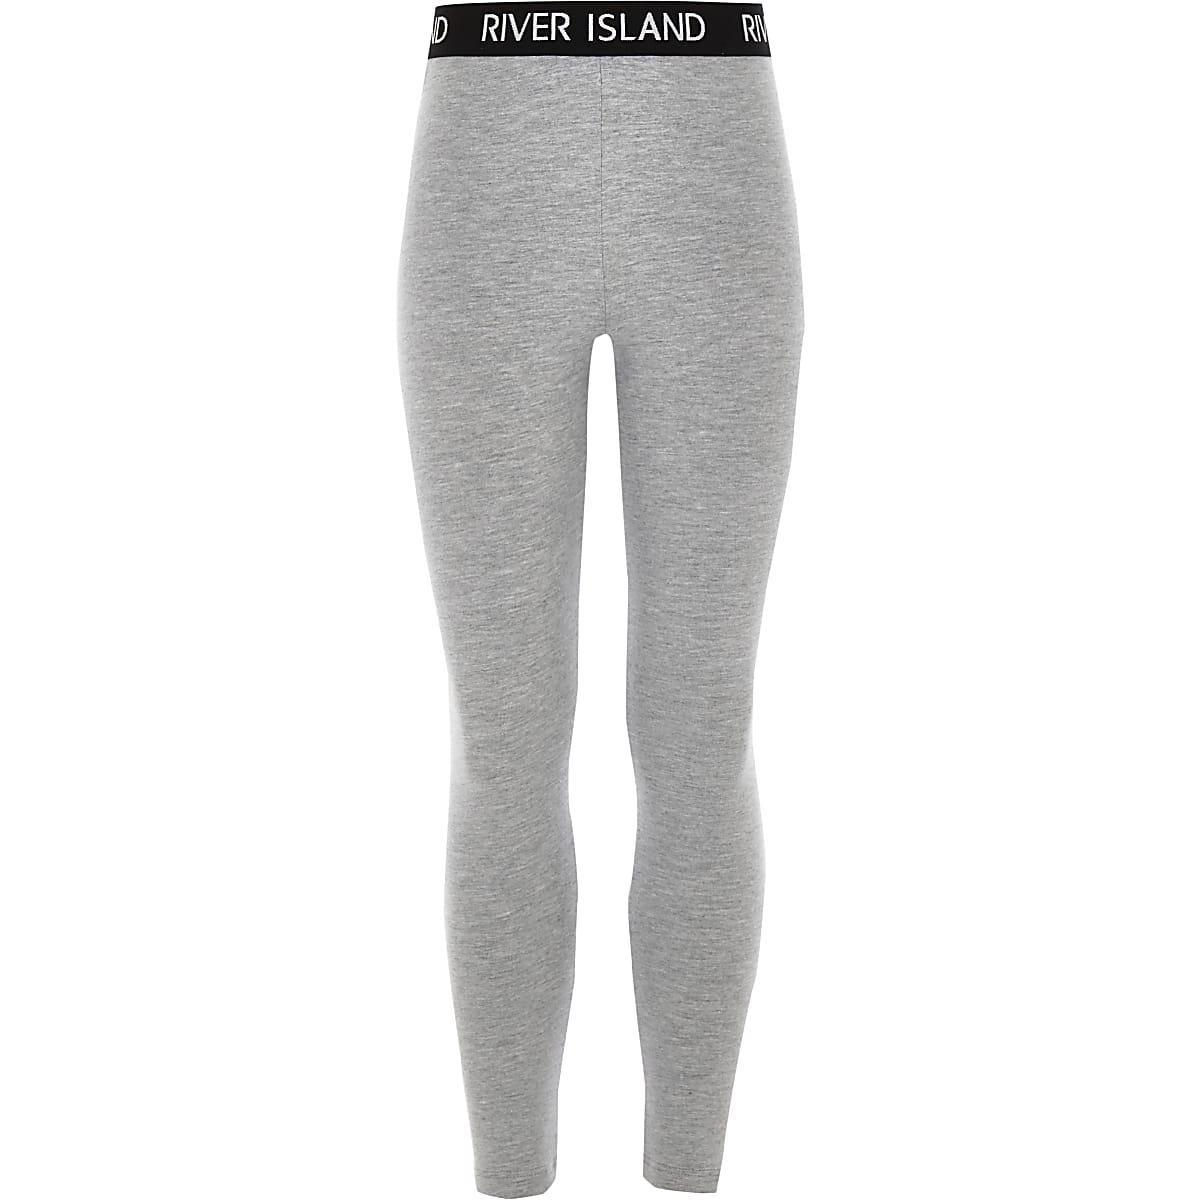 énorme réduction 2a070 46faf Girls grey RI waistband leggings